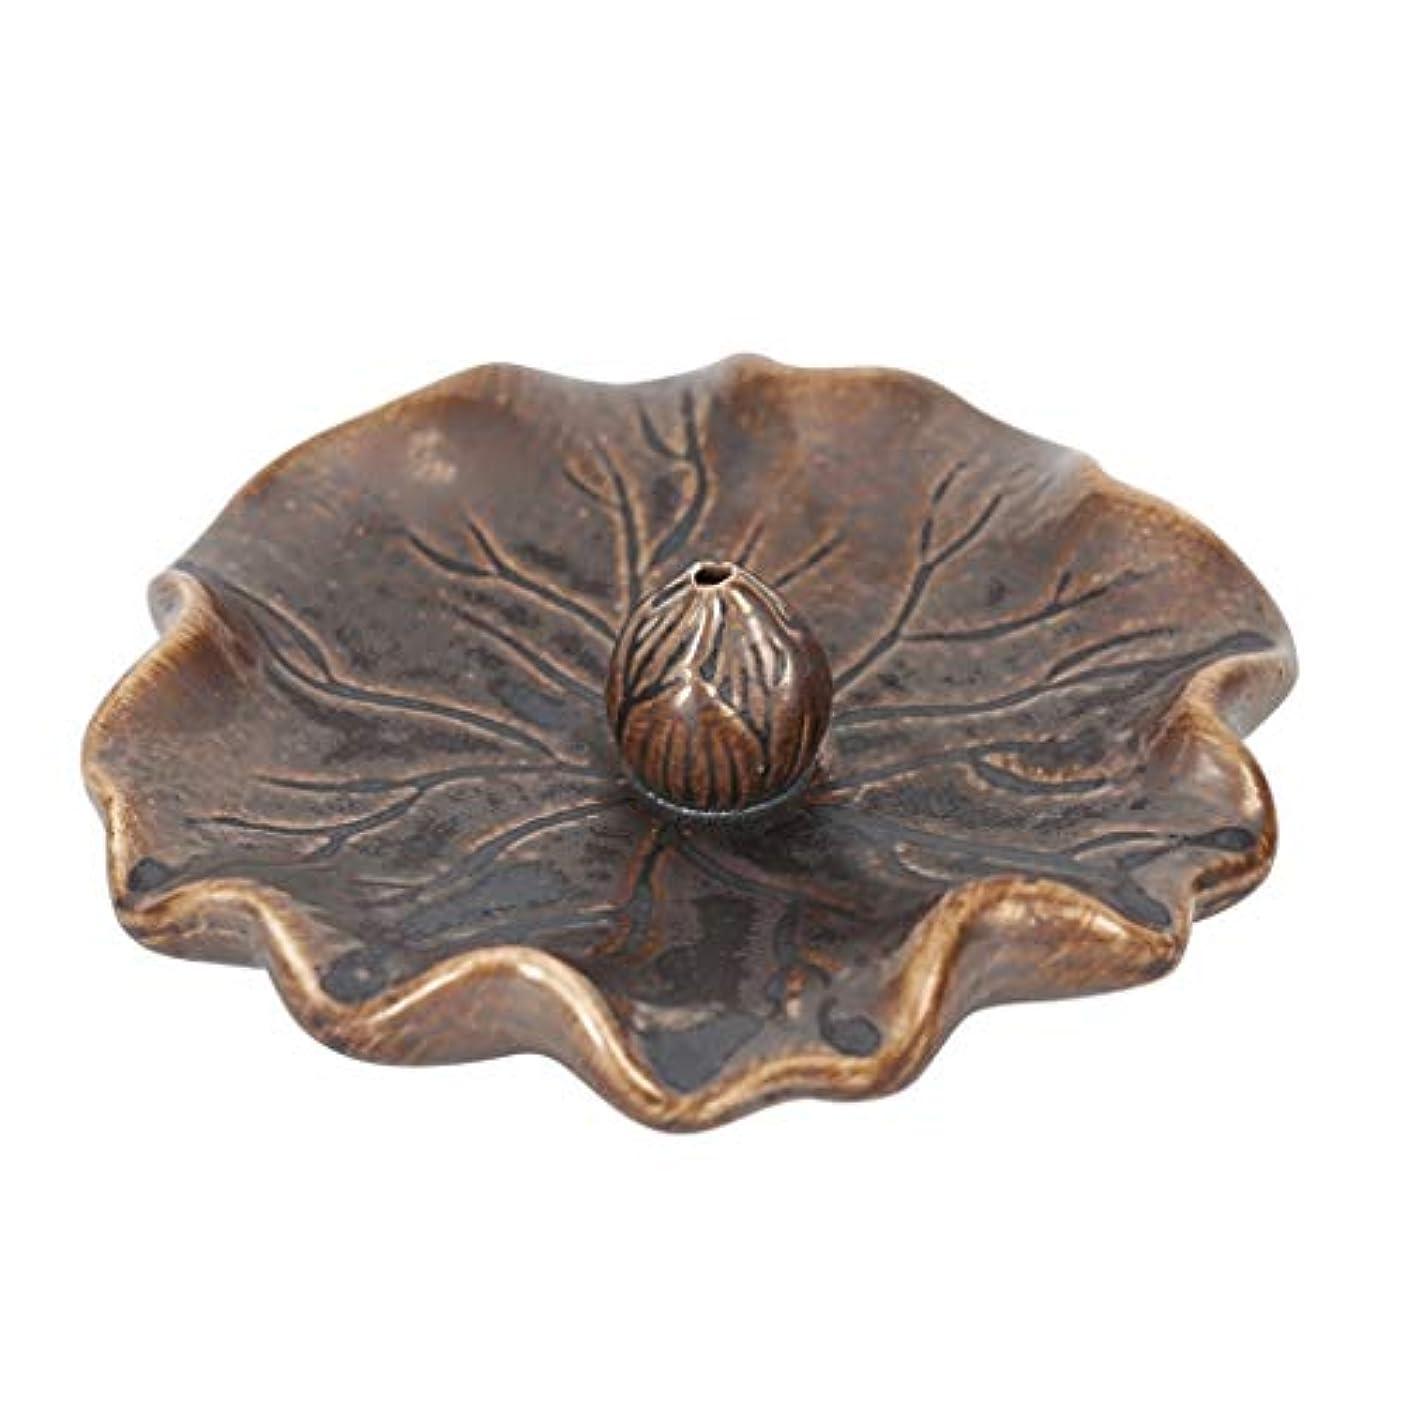 想像力豊かな症状スチュアート島ライン香バーナー蓮の葉アンティーク香ホルダービャクダン炉ホーム屋内香りの良い皿セラミック香ホルダー (Color : Brass, サイズ : 4.52*1.18inchs)